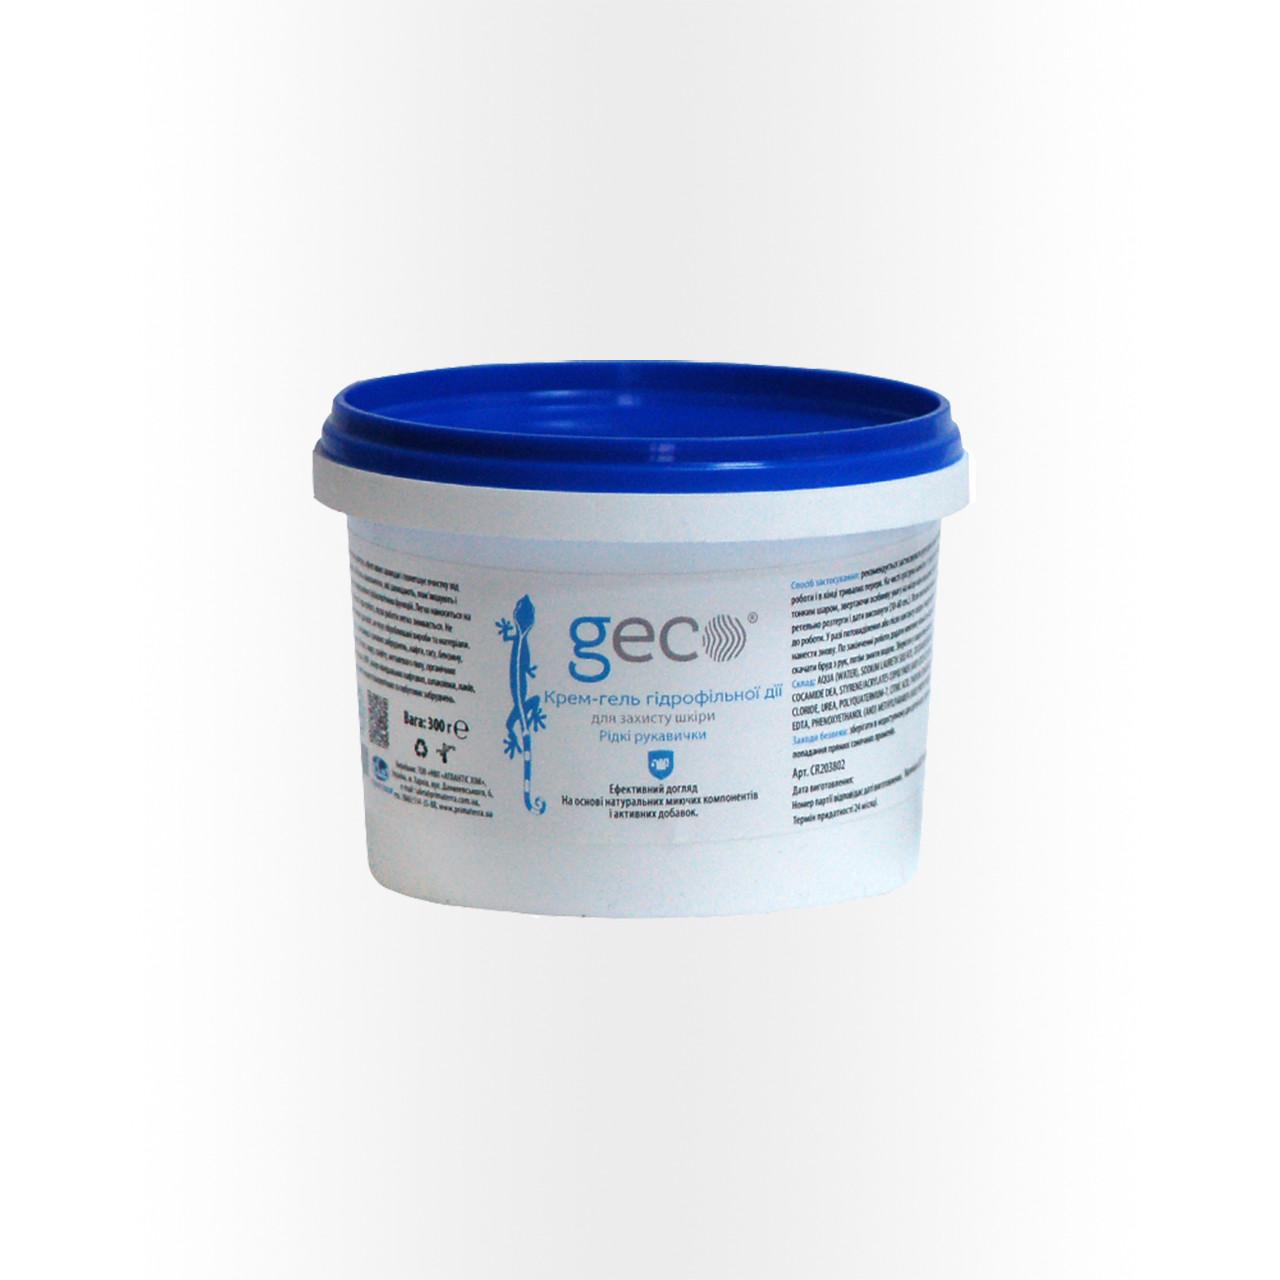 Жидкие перчатки GECO, крем-гель гидрофильный, 0.3кг